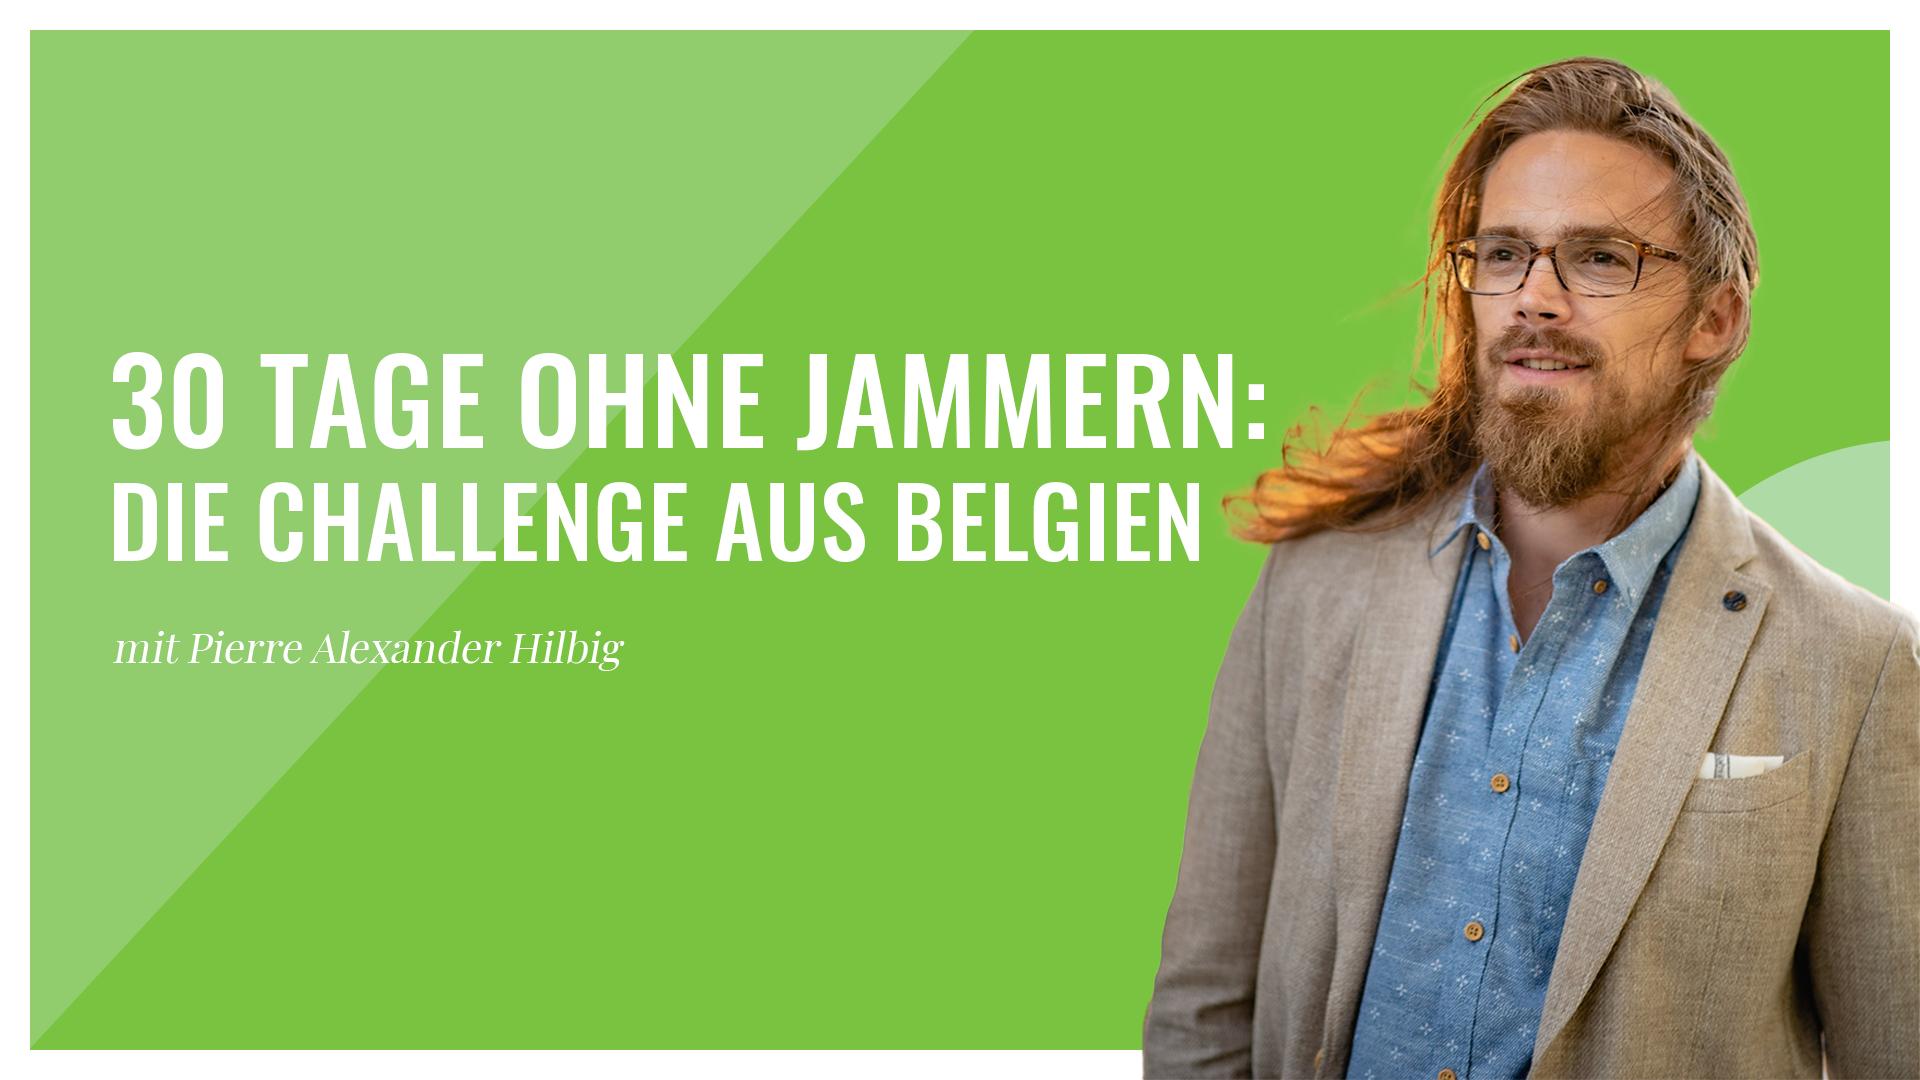 30 Tage ohne Jammern die Challenge aus Belgien